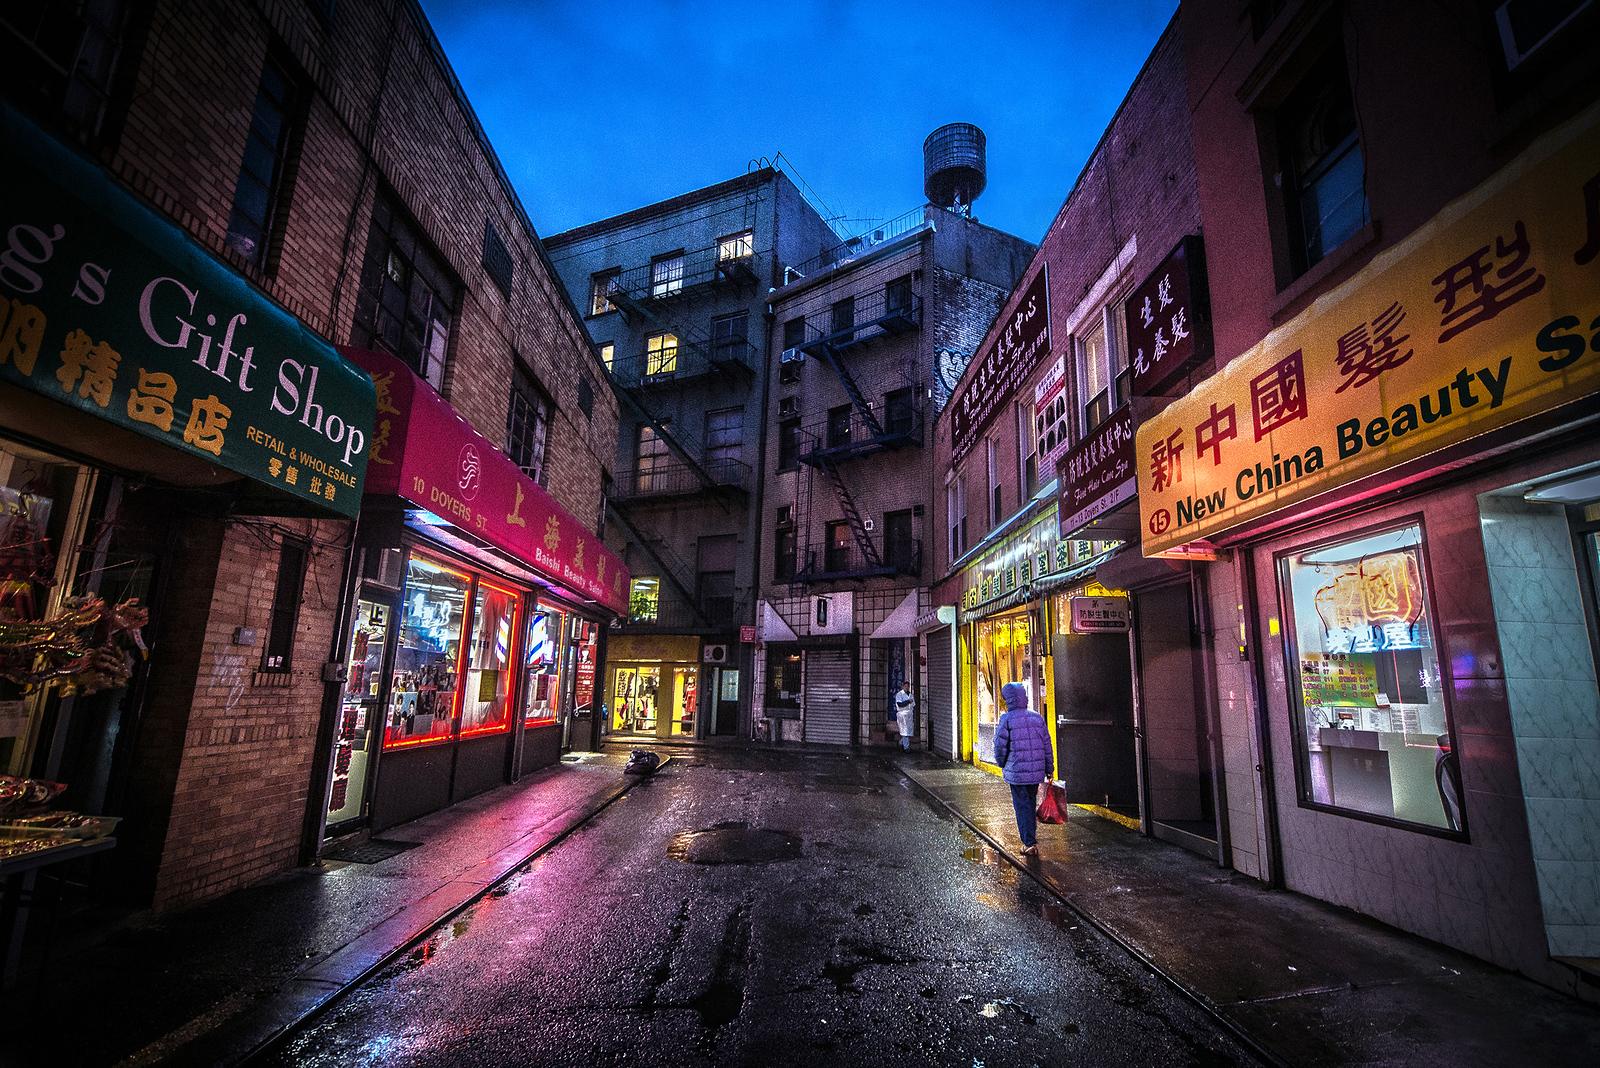 Chinatown, Doyers st, NYC